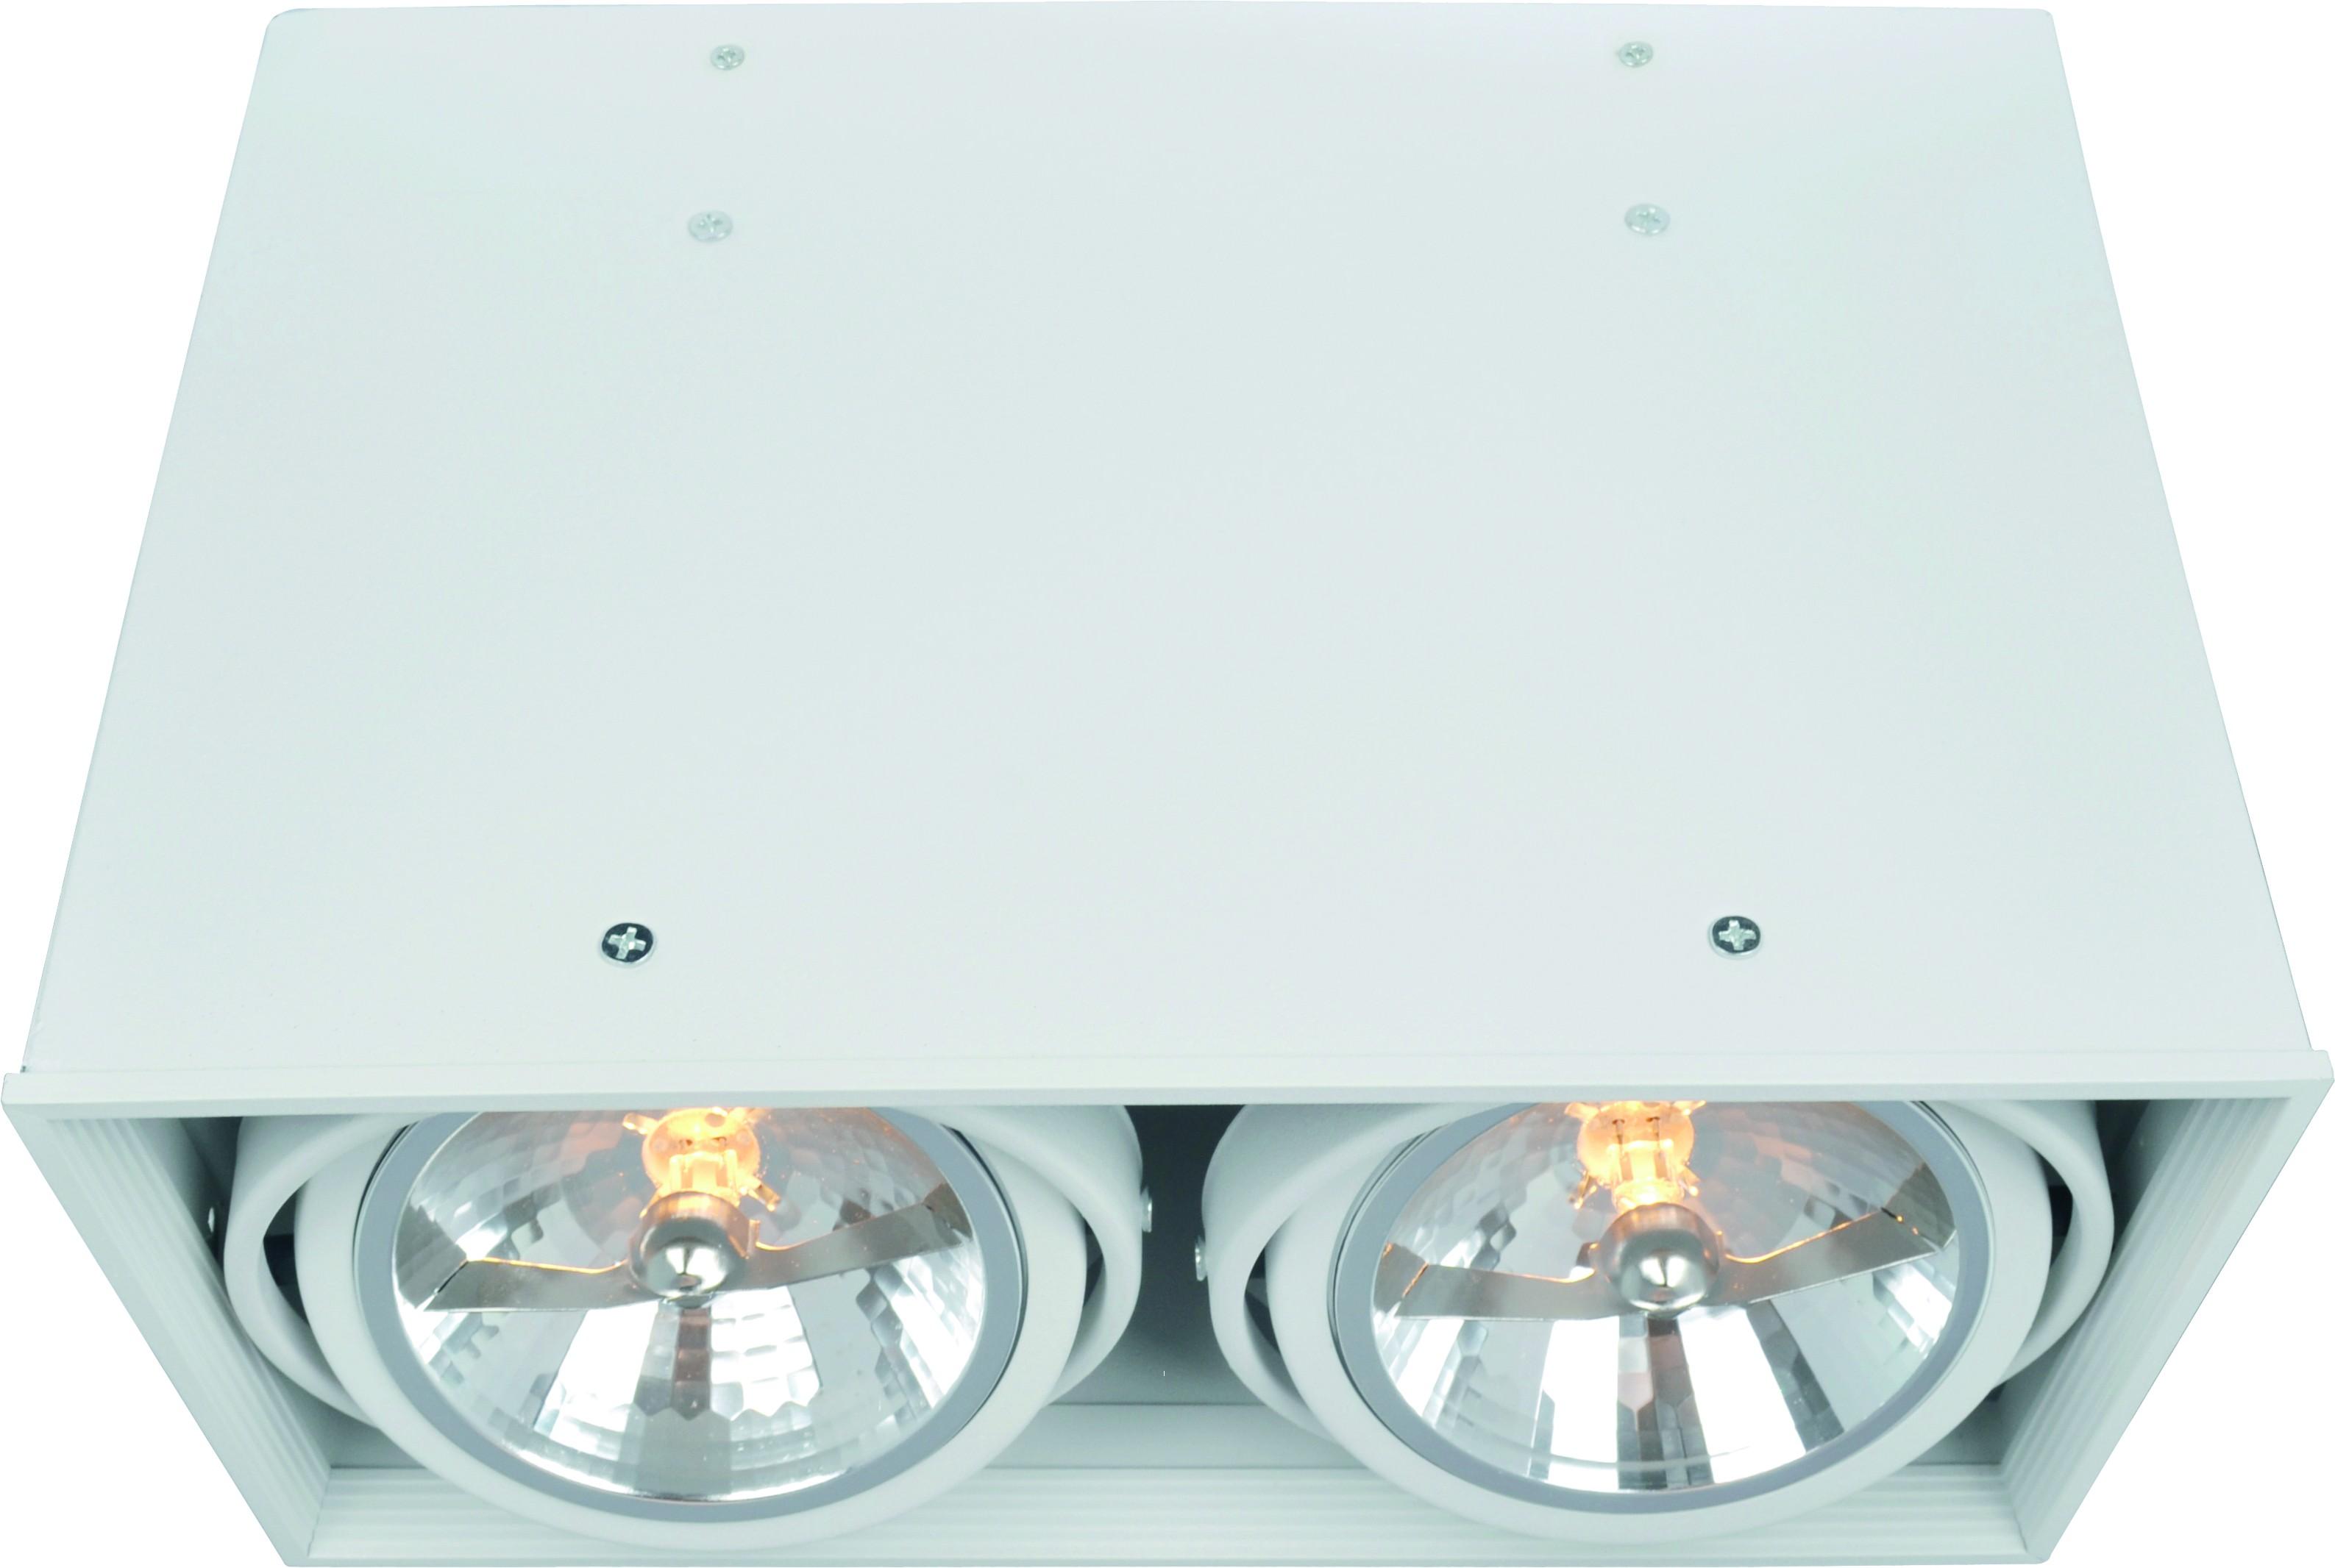 Светильник встраиваемый Arte lamp A5936pl-2wh встраиваемый светильник arte lamp studio a3007pl 2wh